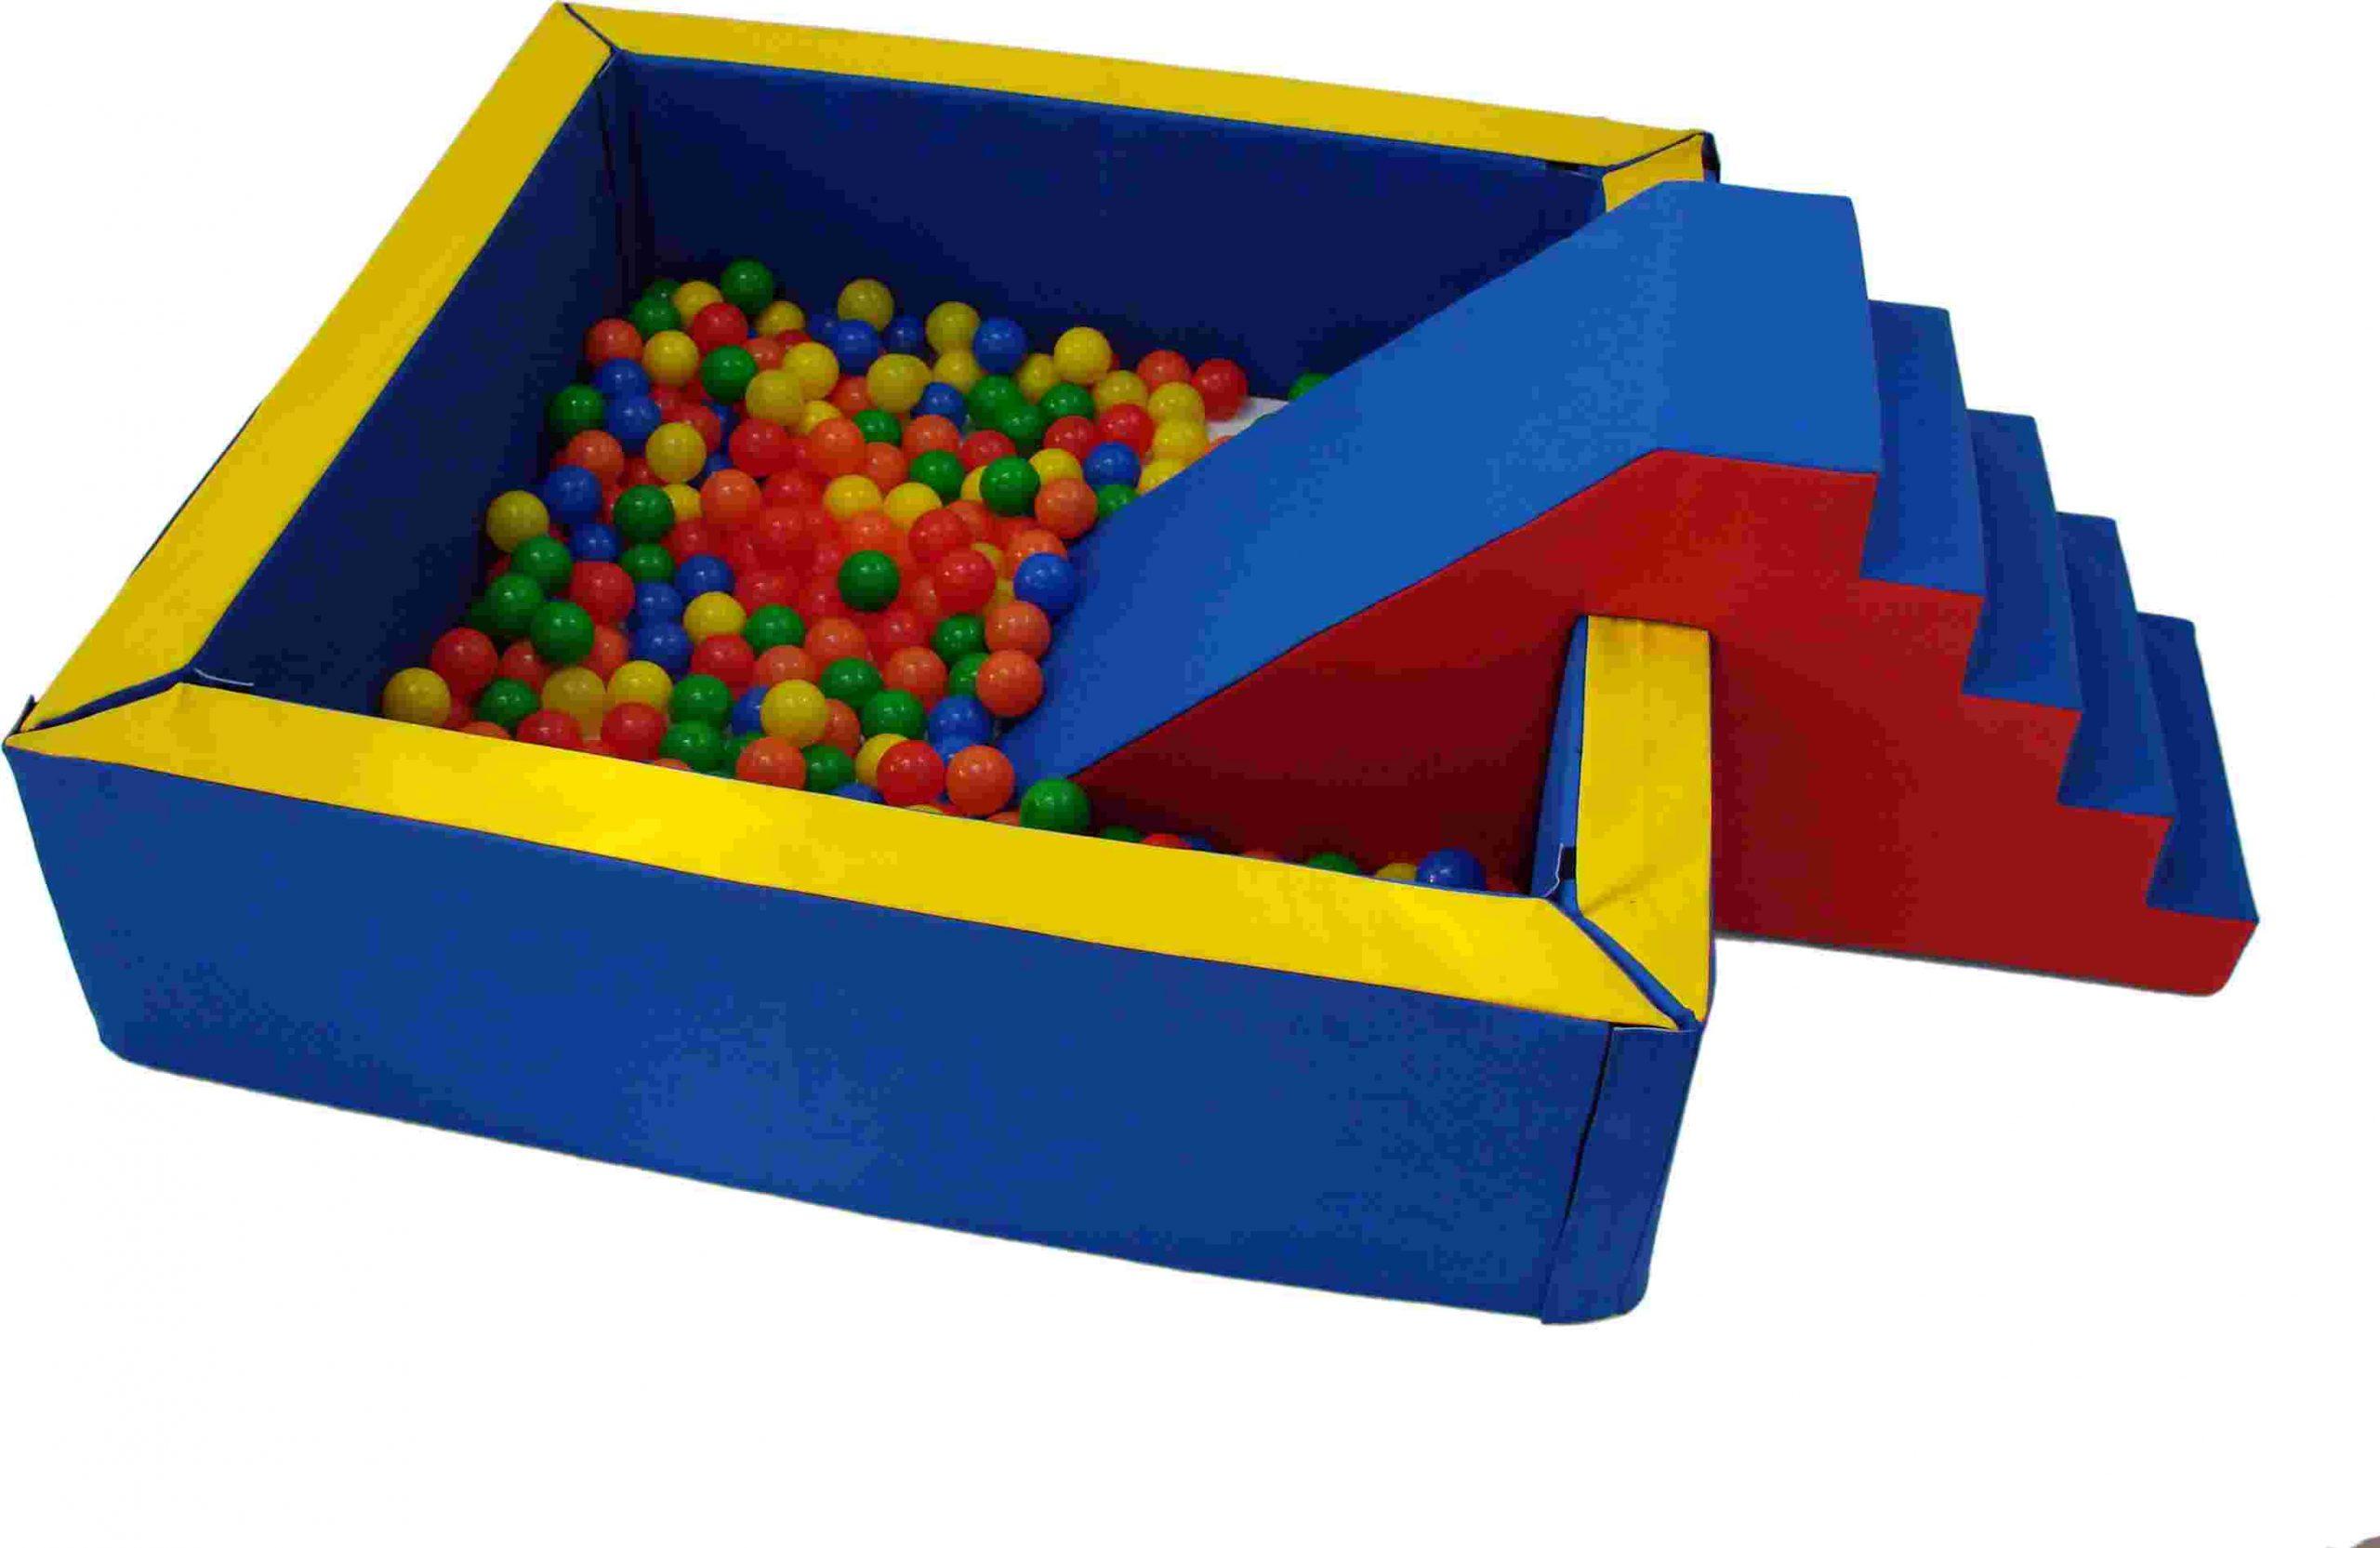 Piscine À Balles Pas Cher - Lareduc avec Piscine À Balle